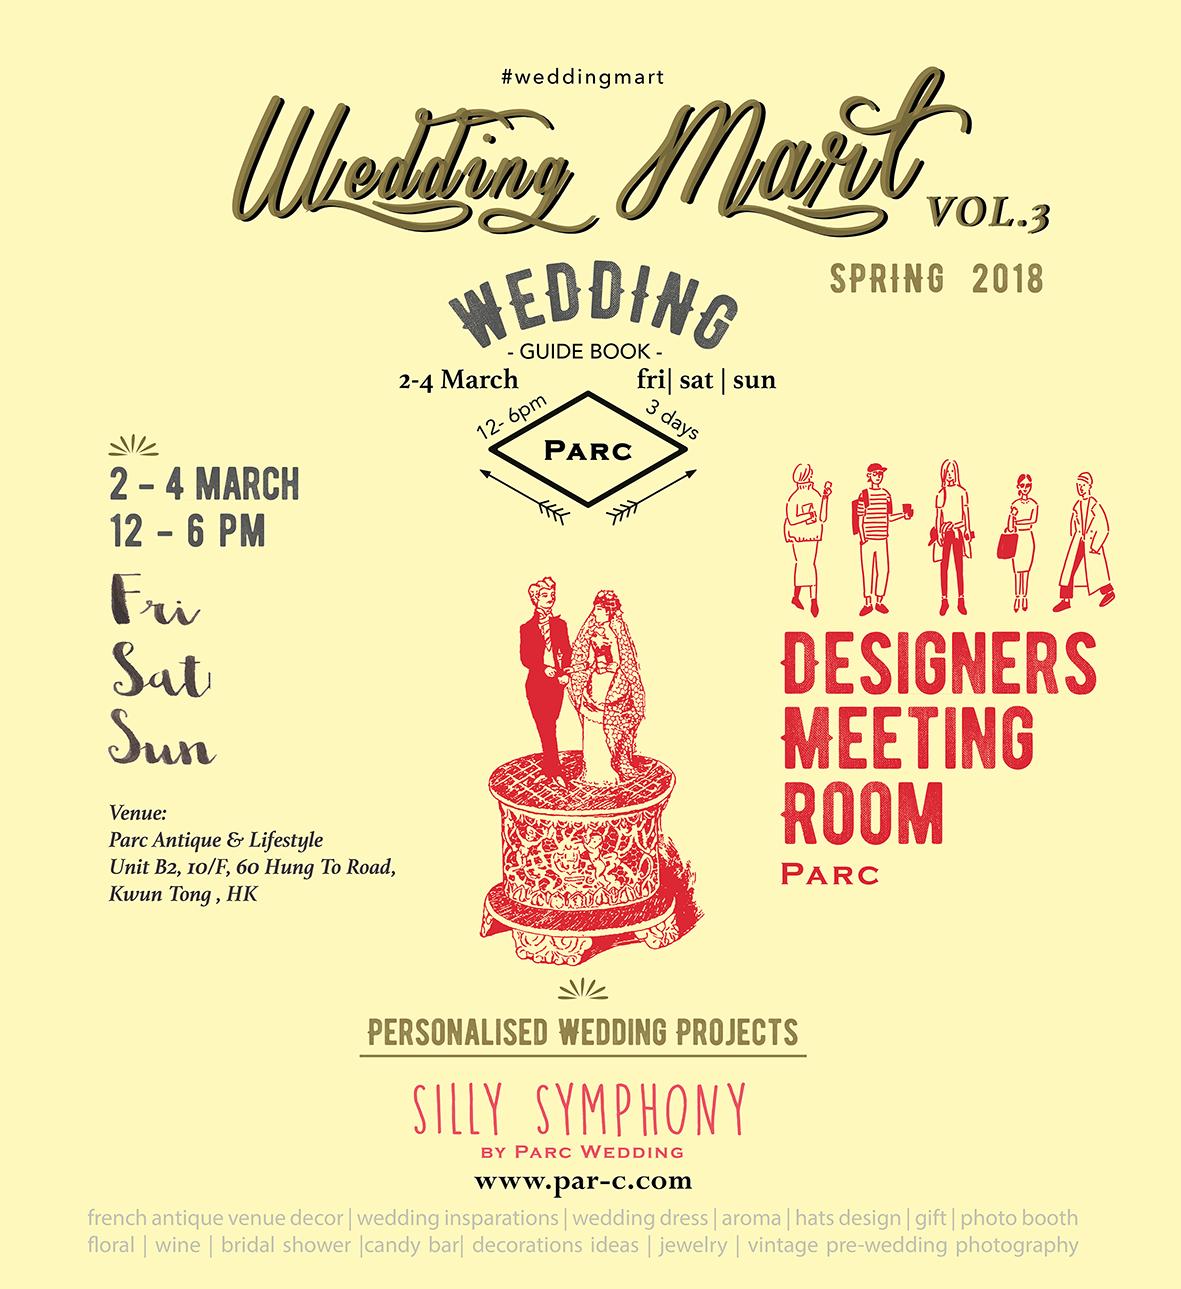 Designers Meeting Rooms - #WeddingMart